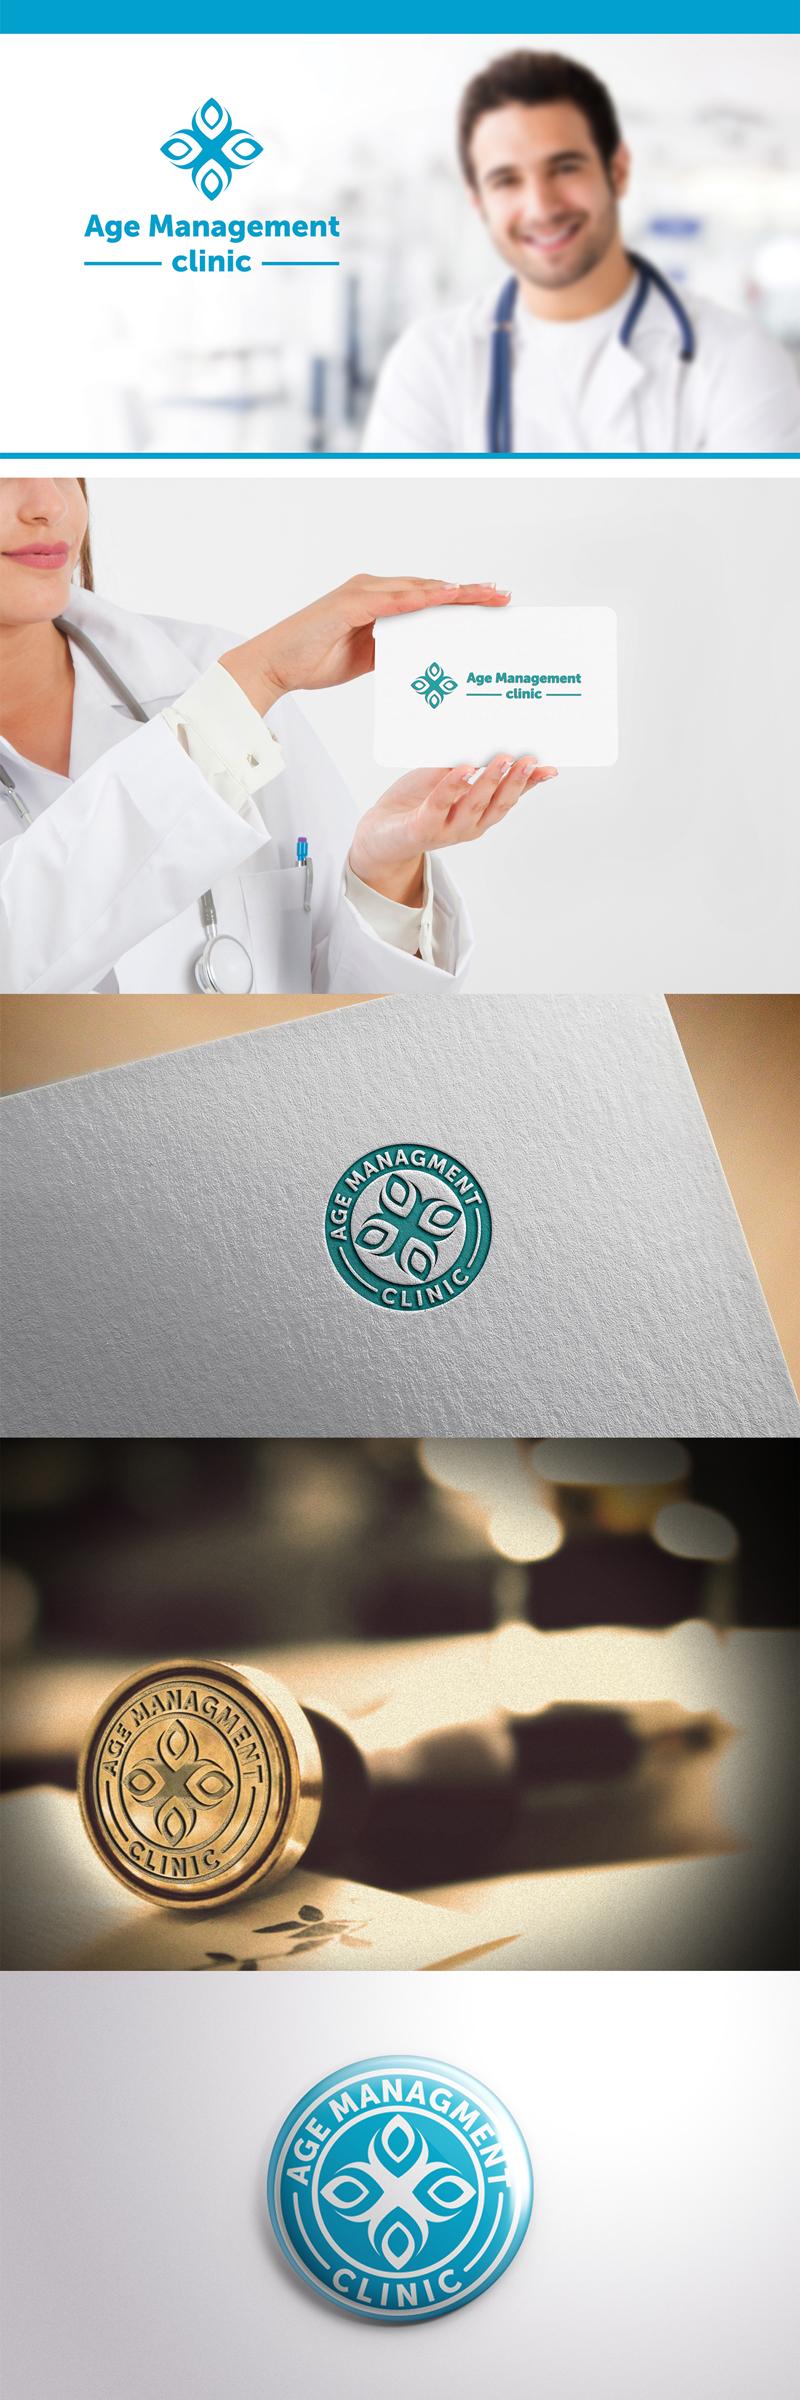 Логотип для медицинского центра (клиники)  фото f_5415ba1343401cdb.jpg